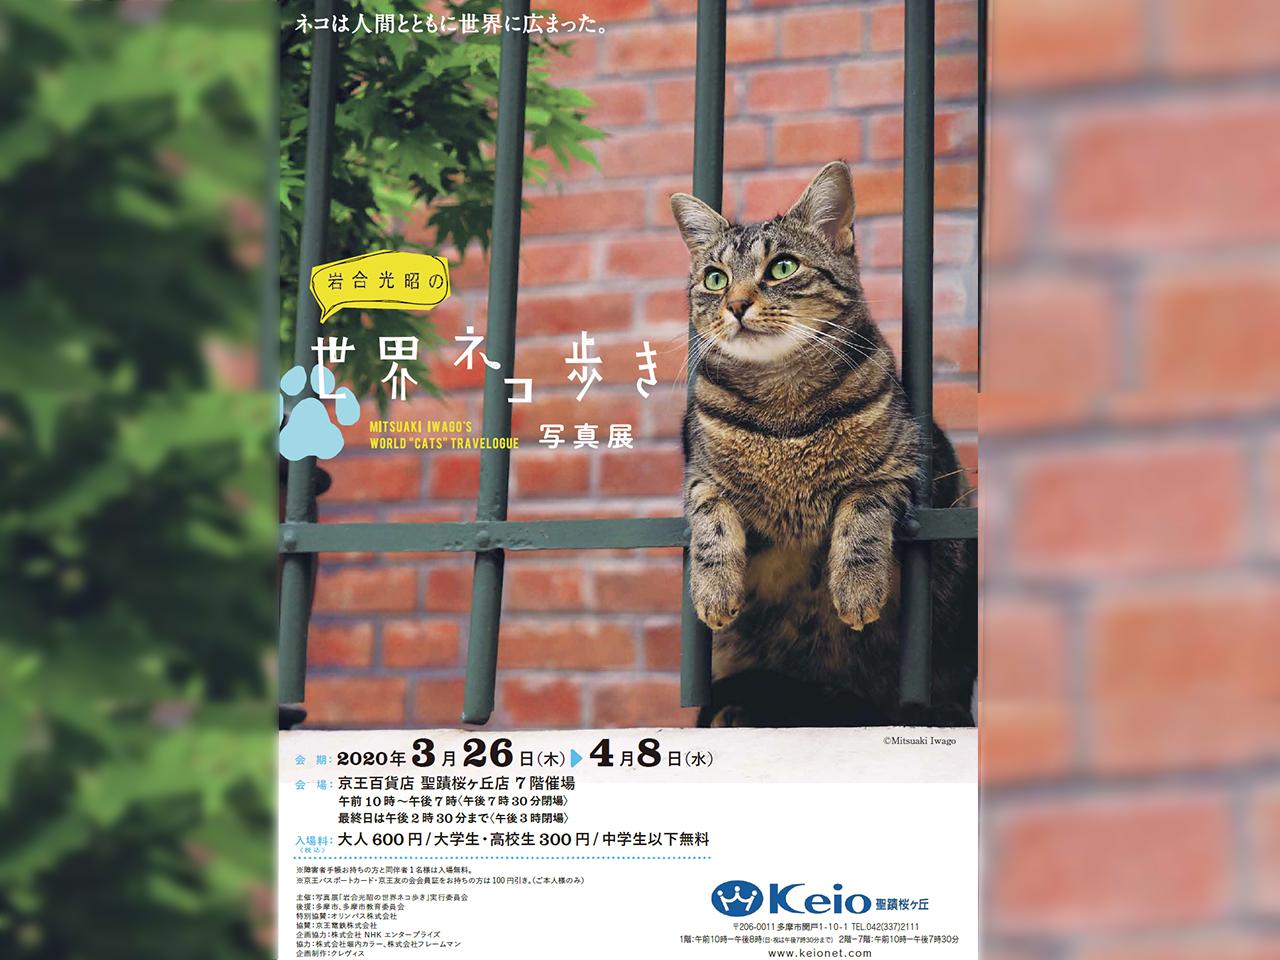 せいせき・ねこフェス3月に開催!岩合光昭の世界ネコ歩き写真展も同時開催